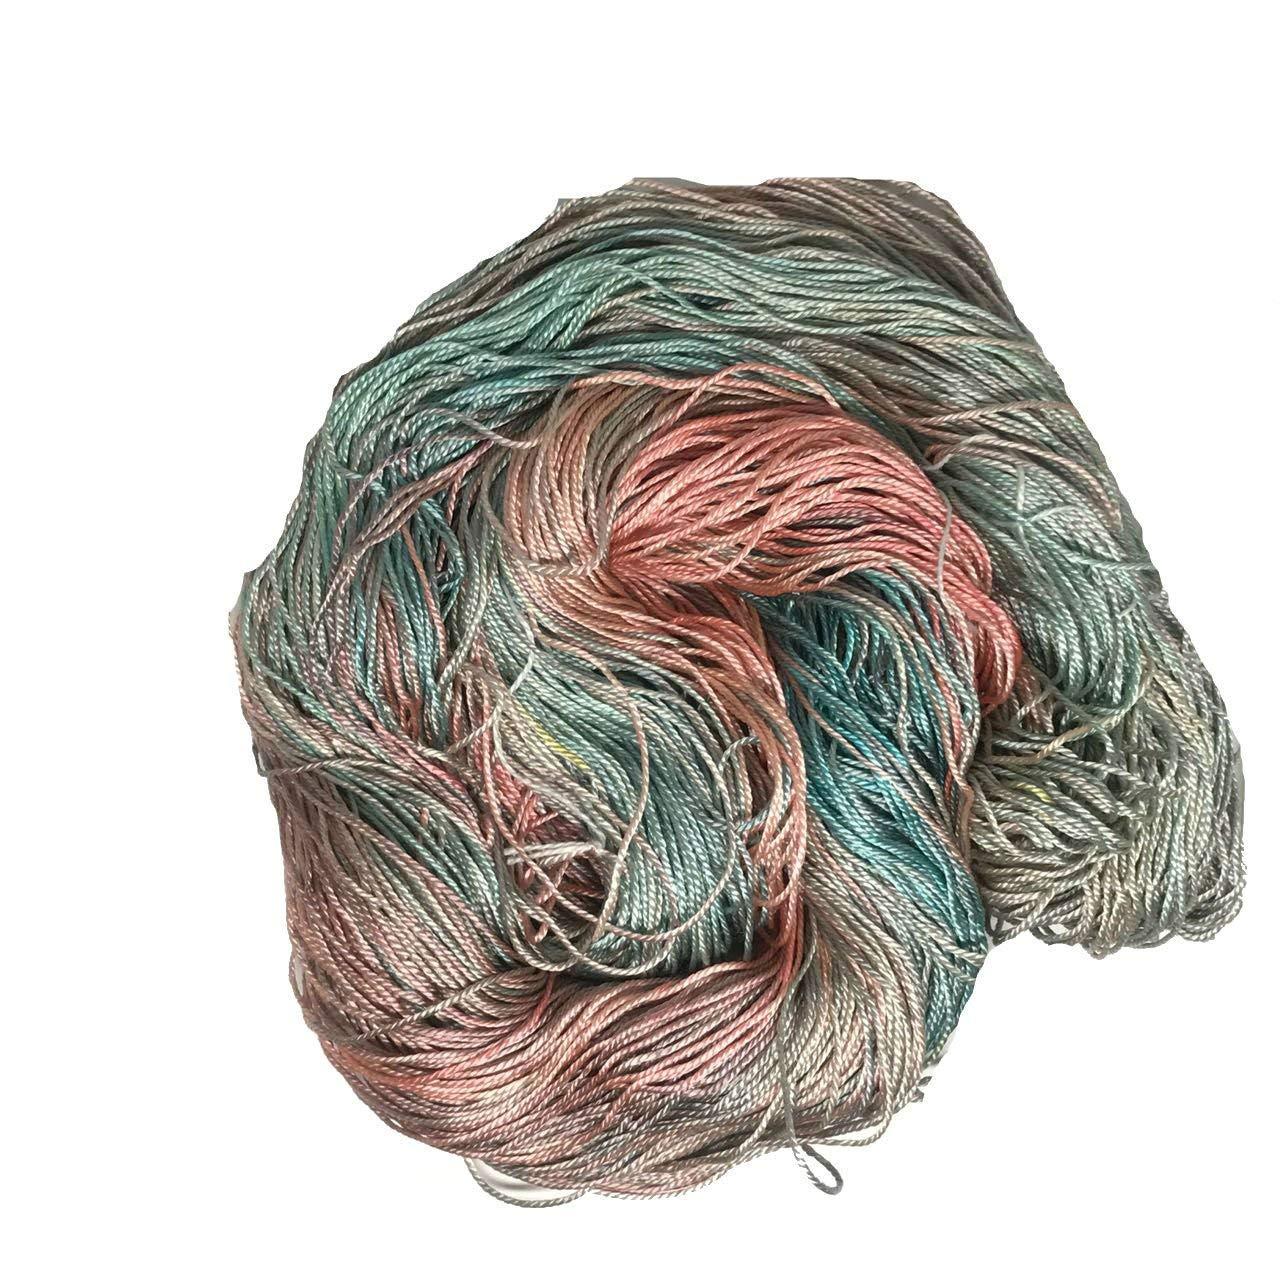 3 capas de peso de encaje ganchillo medios mixtos tejido ideal para tejer KnitSILK 100/% hilo de seda de morera de 50 g